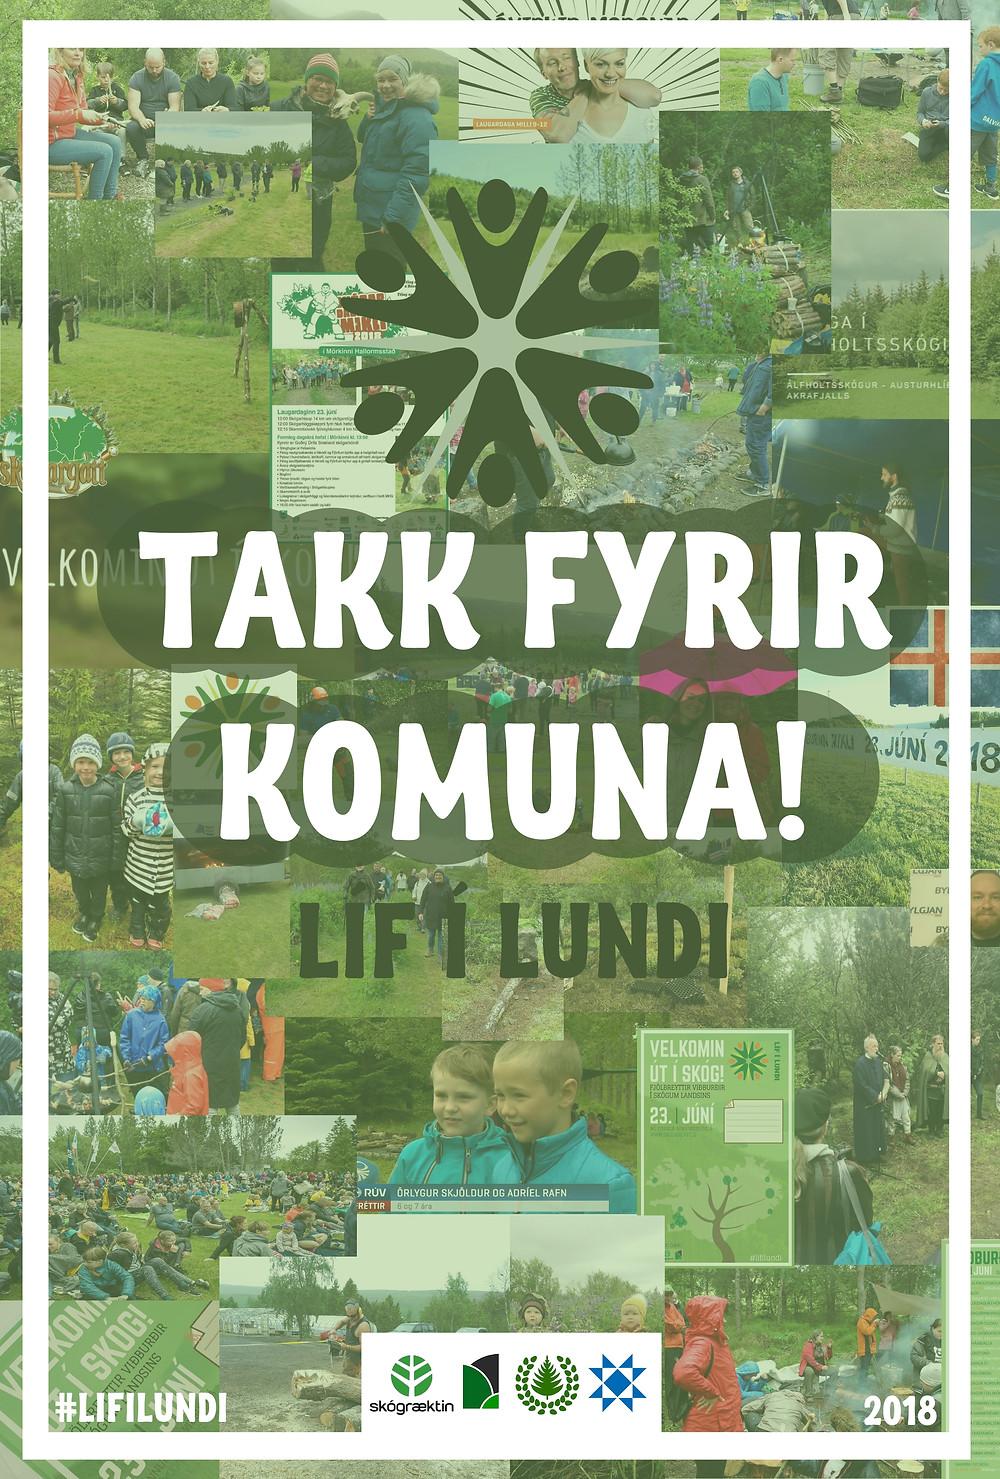 Líf í lundi - Takk fyrir komuna!